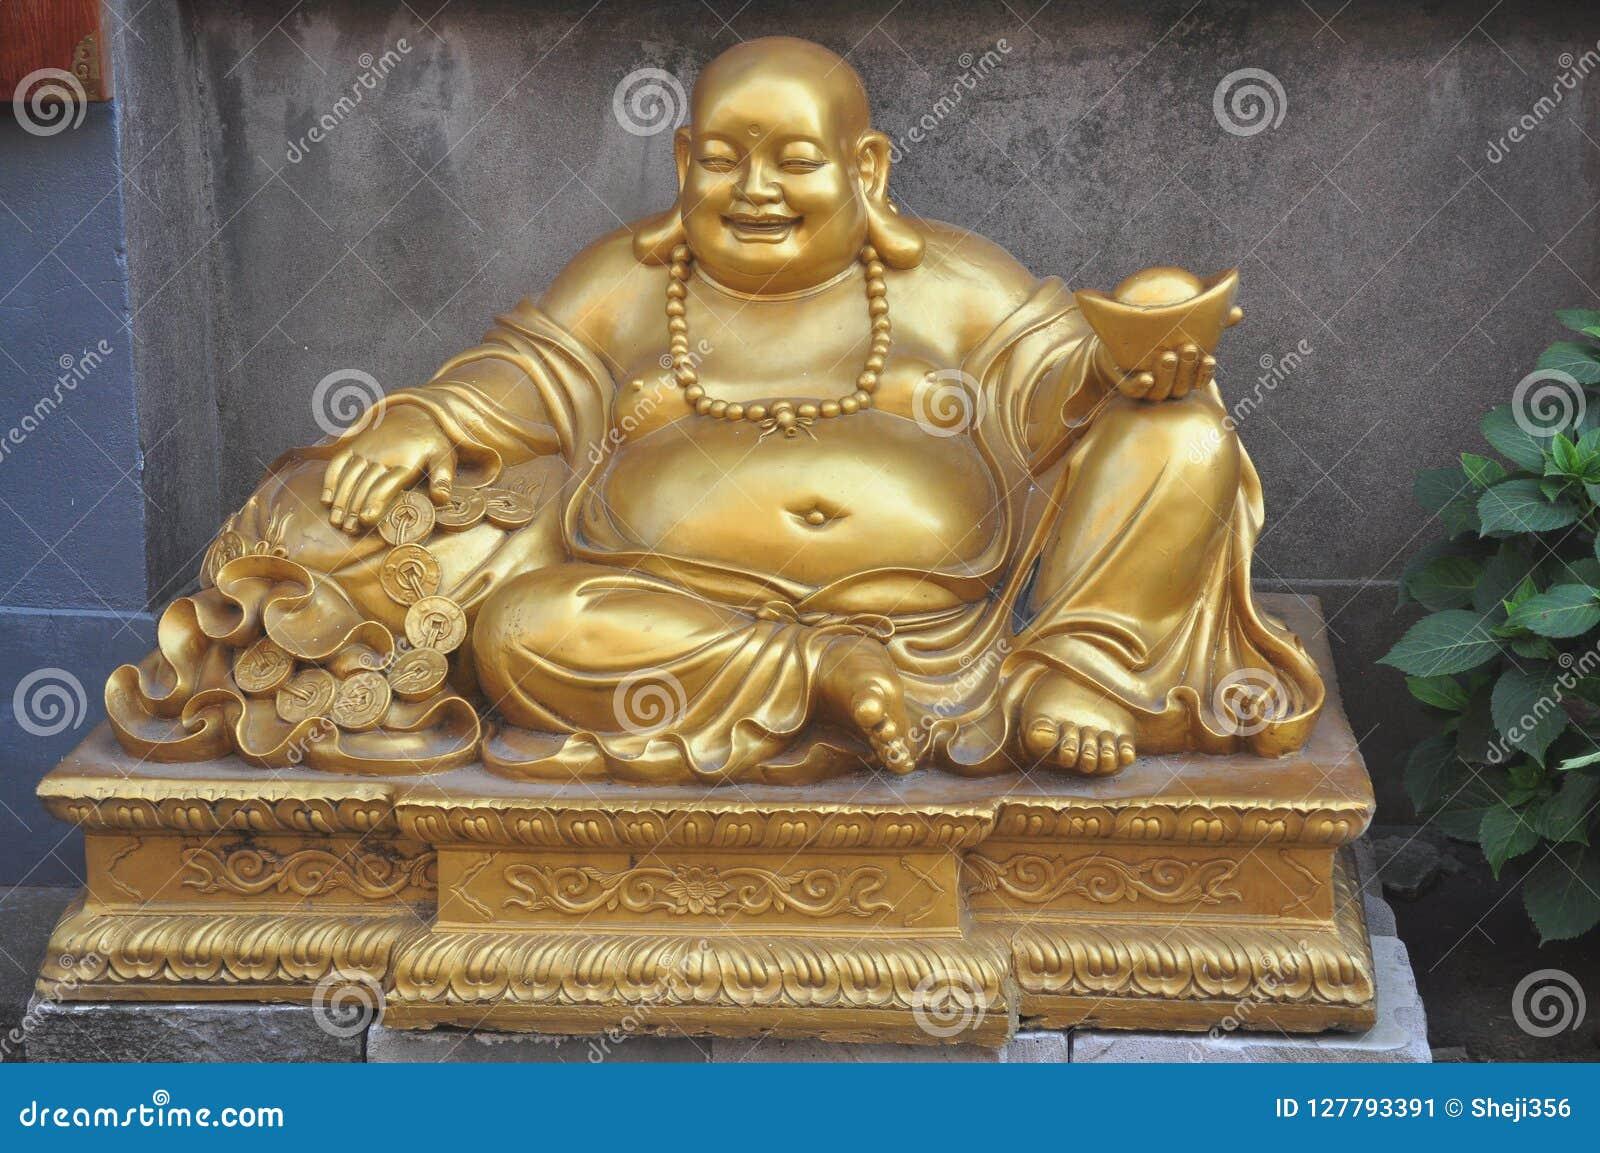 Als u aan het standbeeld van Boedha van Boedha Boedha komt, glimlacht Sakyamuni Boedha gezichts gouden en zilveren juwelen